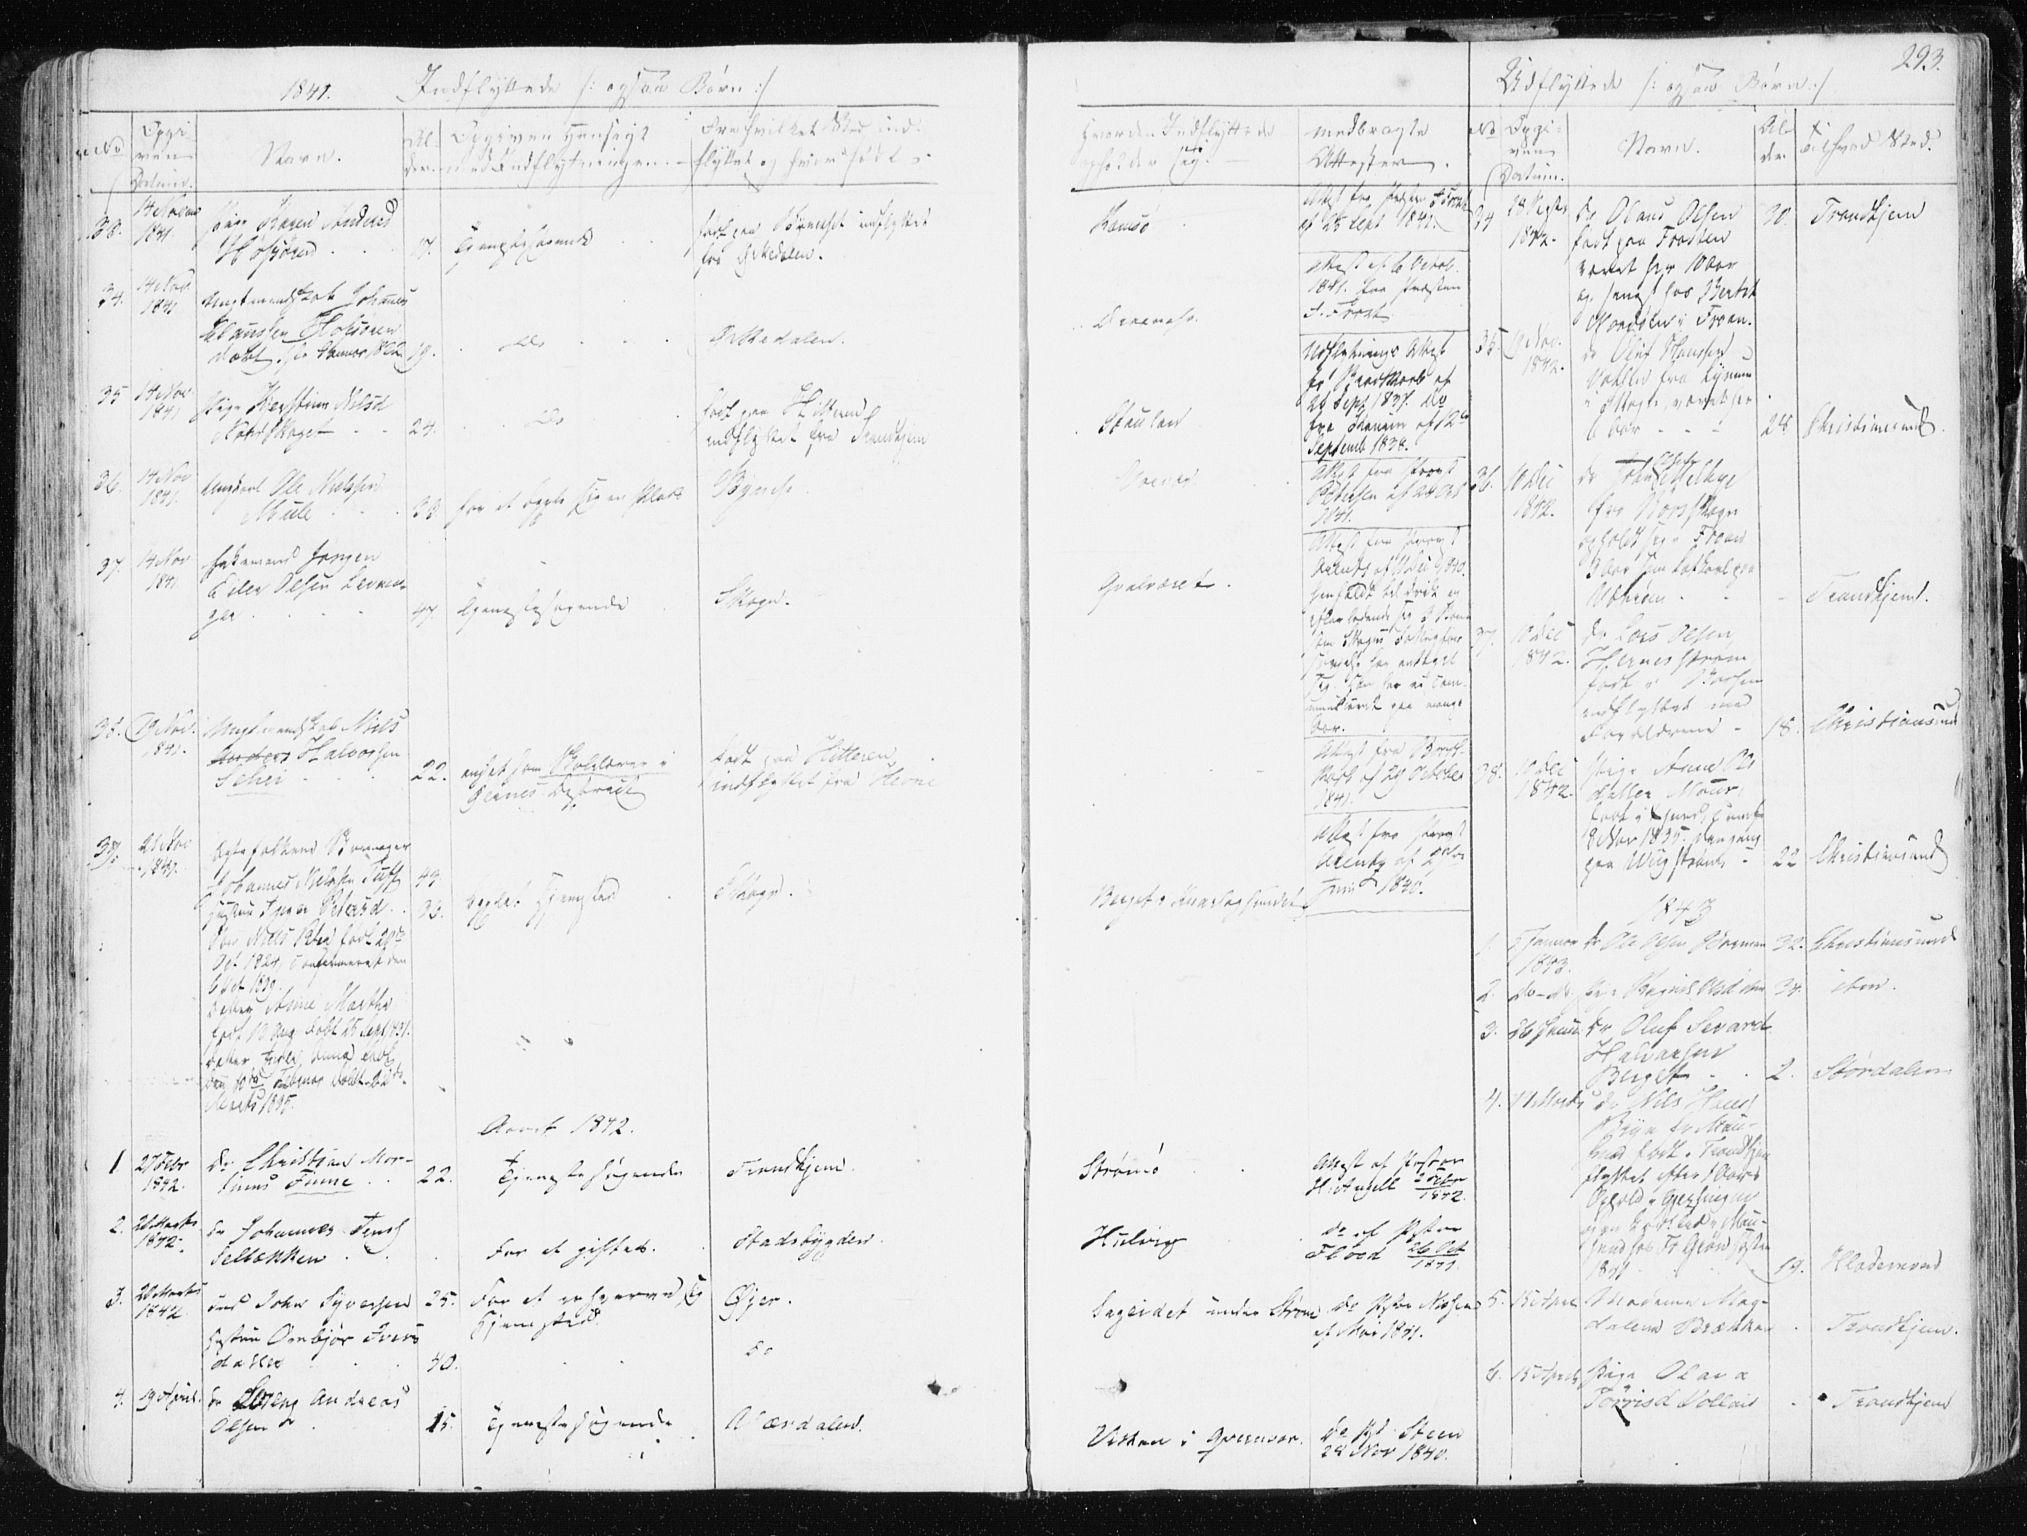 SAT, Ministerialprotokoller, klokkerbøker og fødselsregistre - Sør-Trøndelag, 634/L0528: Ministerialbok nr. 634A04, 1827-1842, s. 293